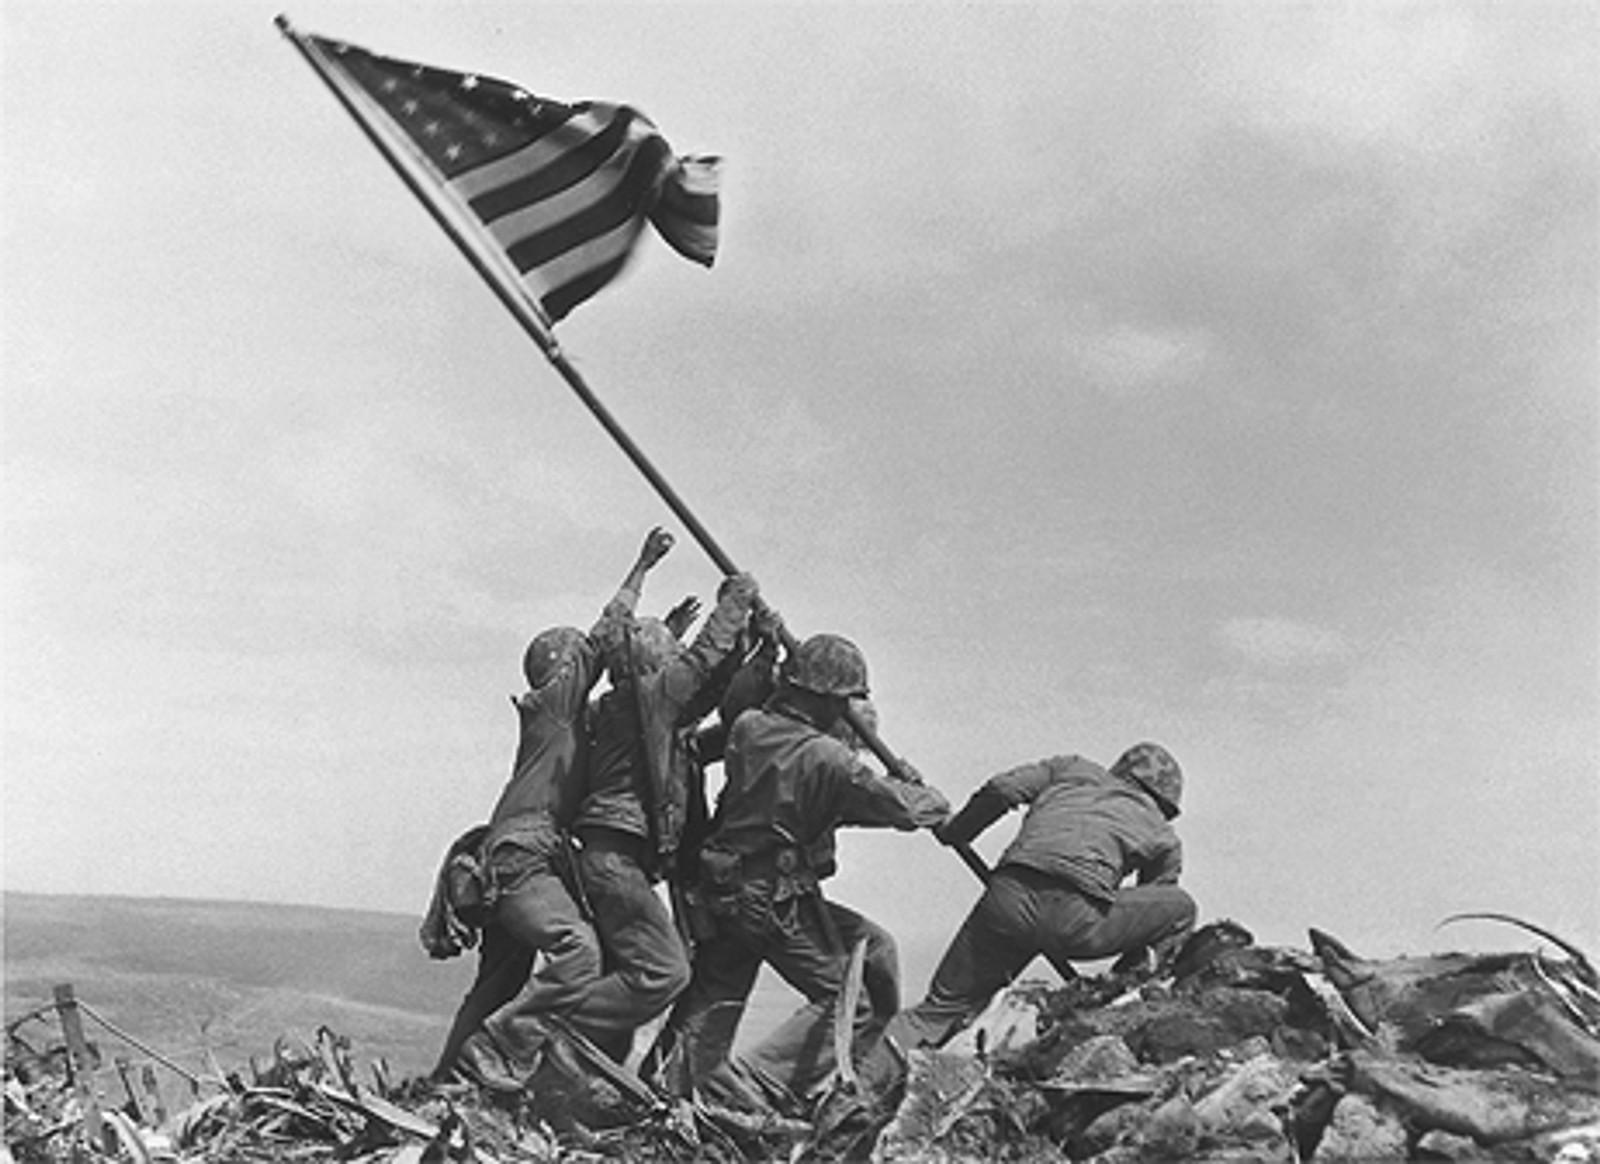 SLAGET OM IWO JIMA: Det amerikanske flagget reises på Iwo Jima mars 1945 etter seier mot japanerne.